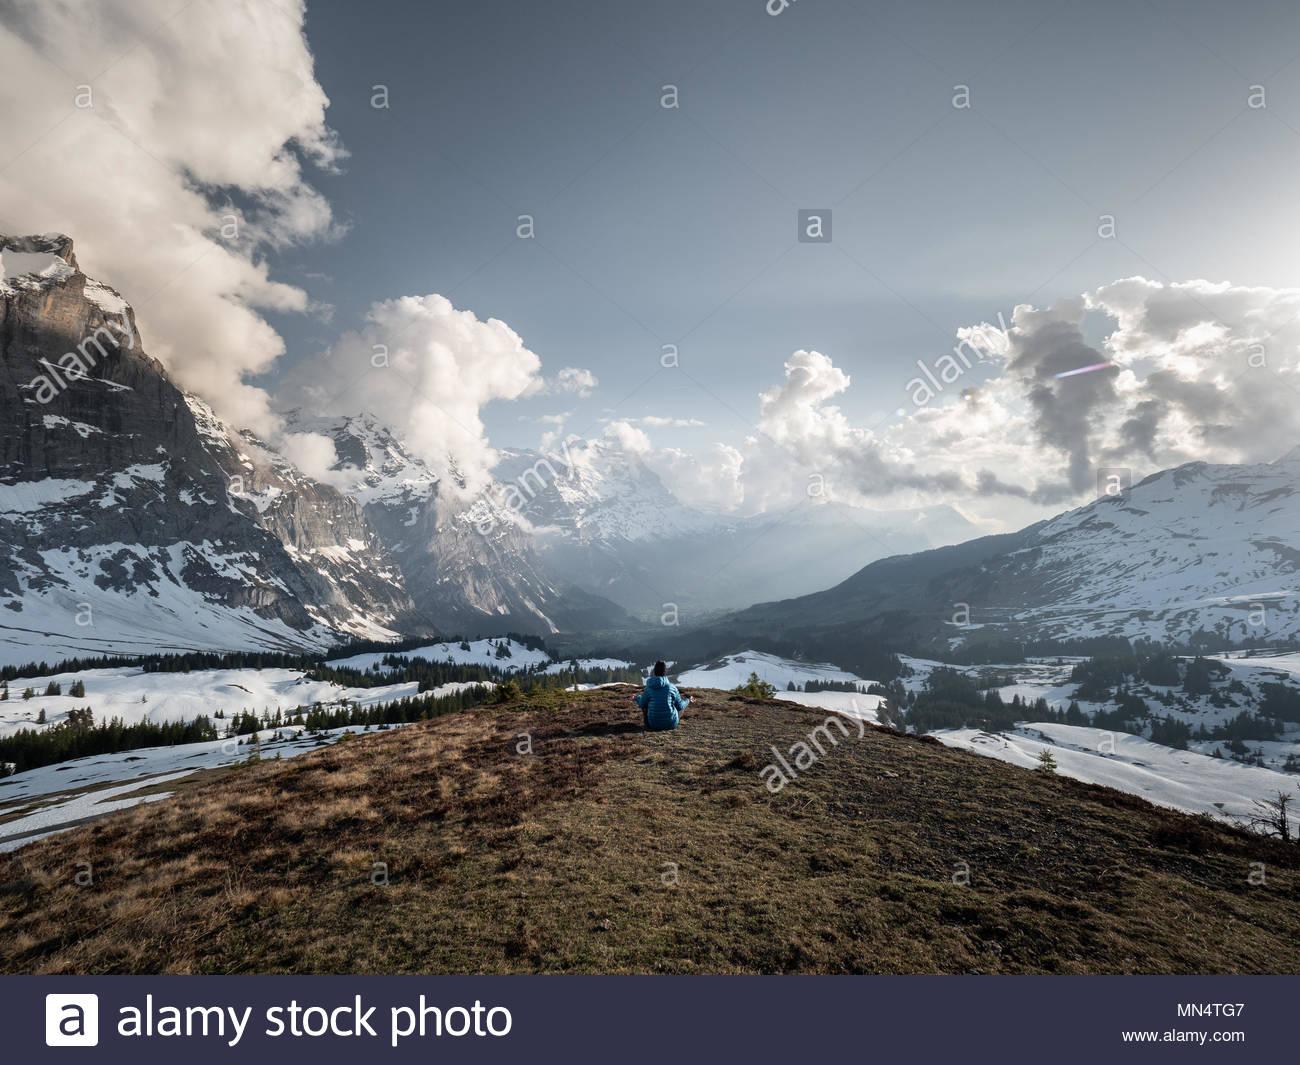 Un uomo meditando in wide open paesaggio di montagna nella parte anteriore delle Grandi Alpi svizzere picchi di montagna e l'Eiger mountain per concetti come rilassamento, salutare l Immagini Stock